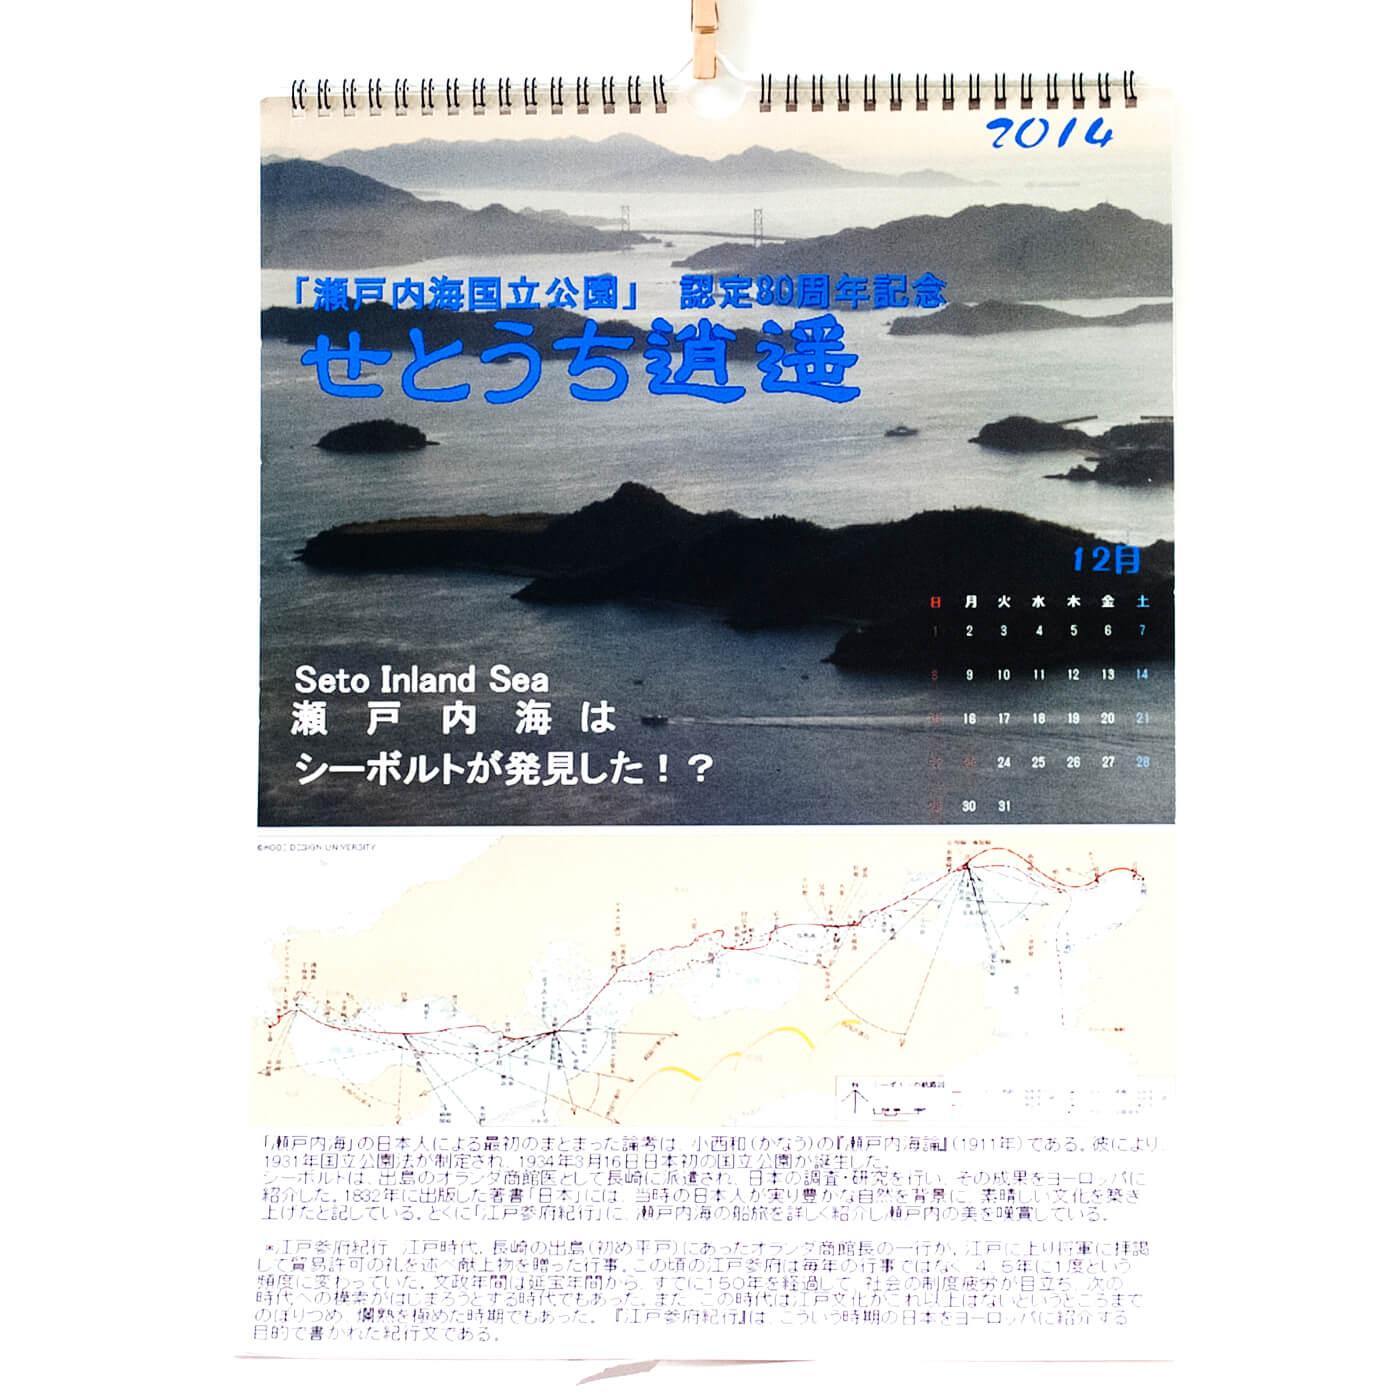 壁掛けカレンダー リング製本 a3サイズ 後藤 和夫 様 オリジナル